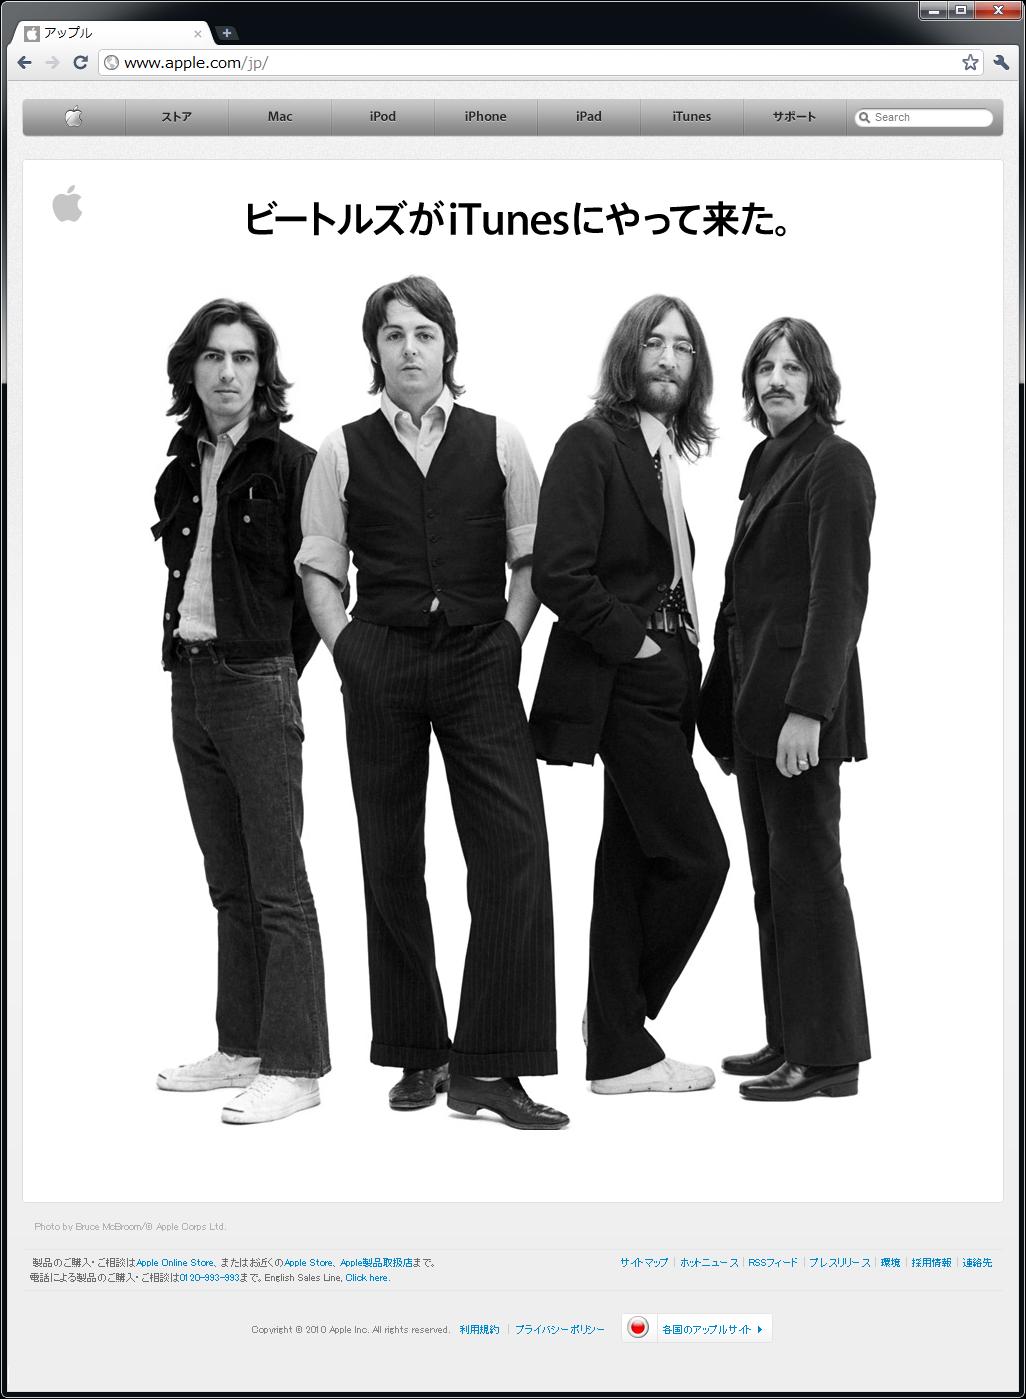 アップルの発表(日本版)